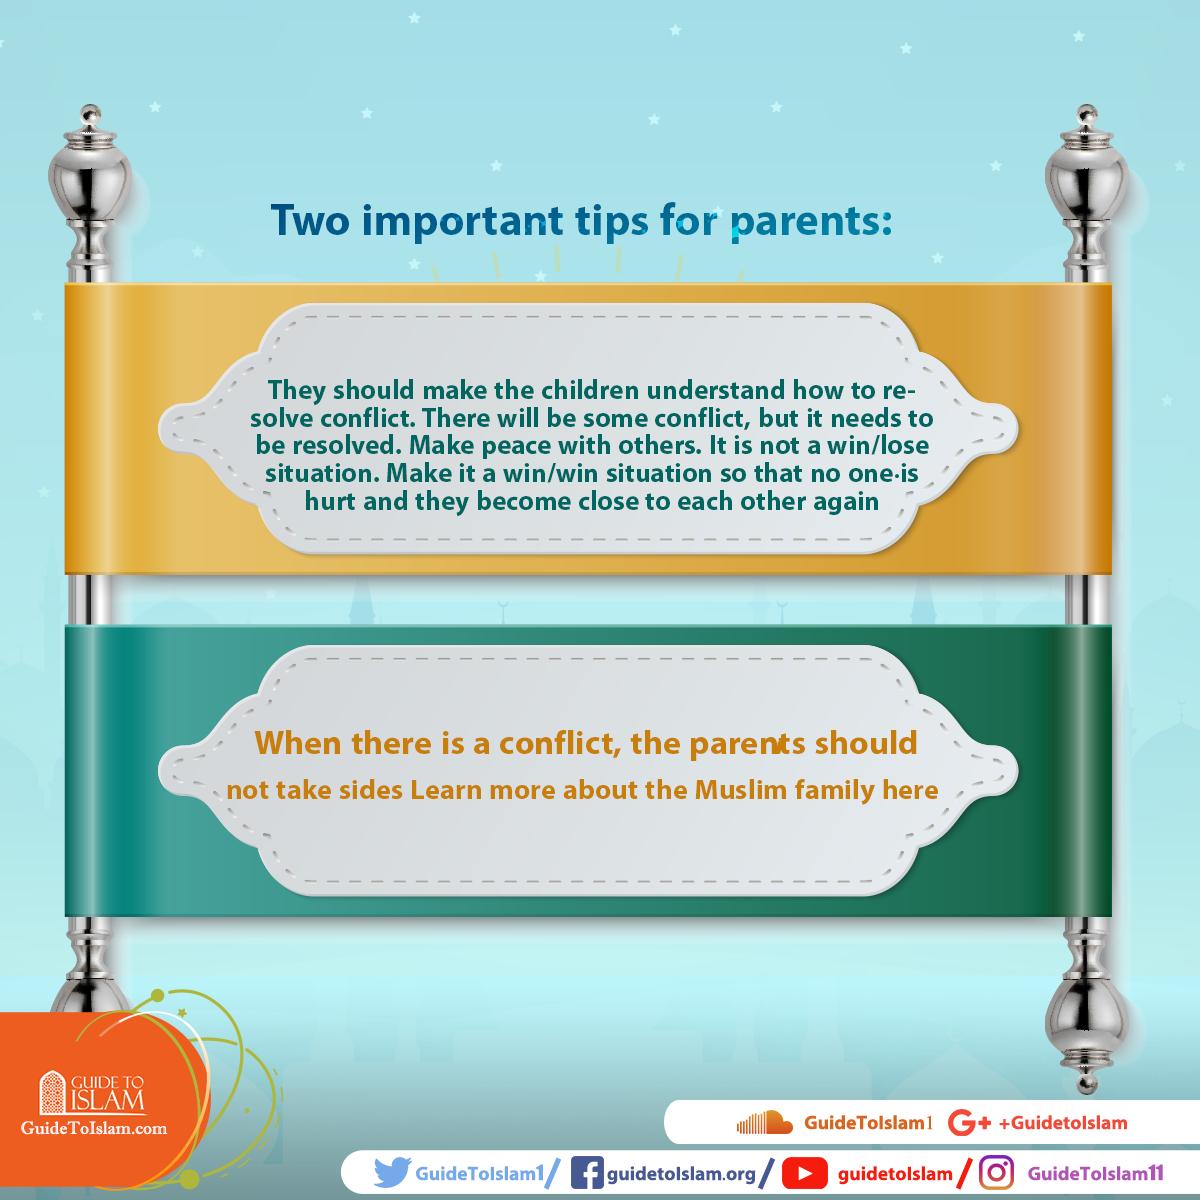 Duas dicas importantes para os pais